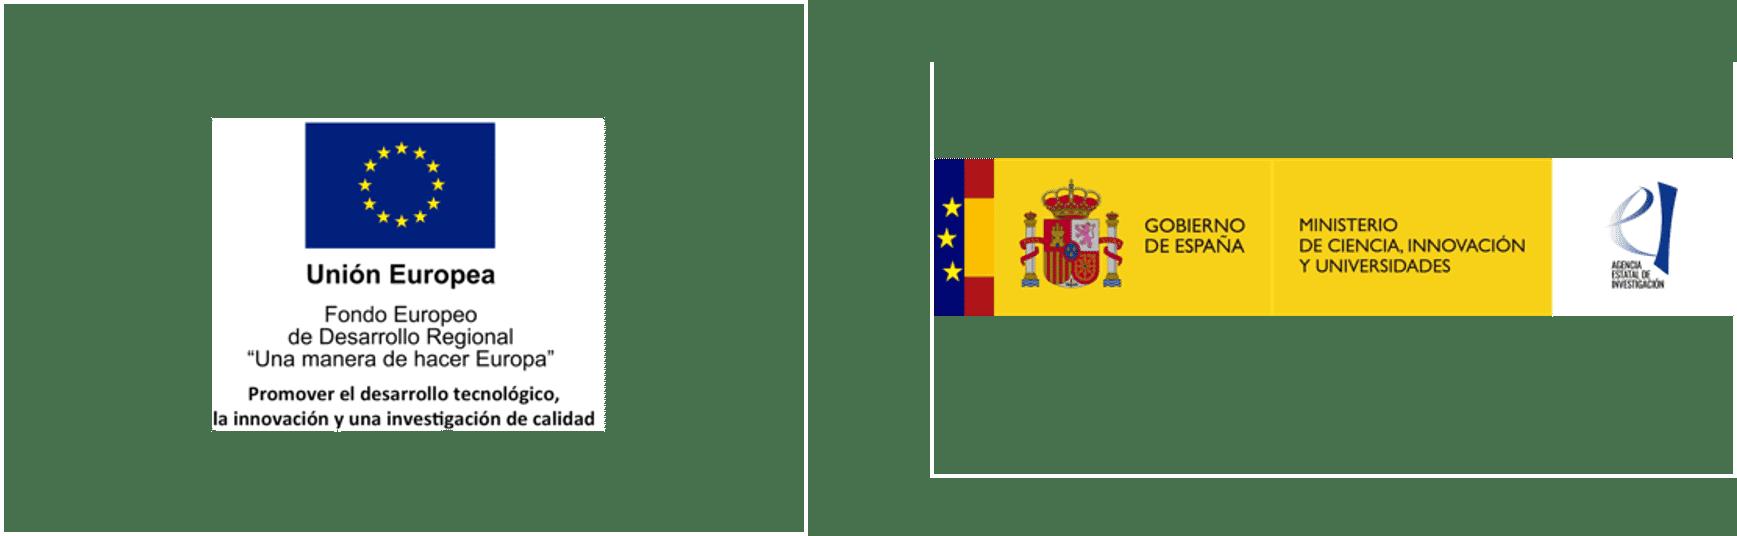 ue-1737x536 (1)